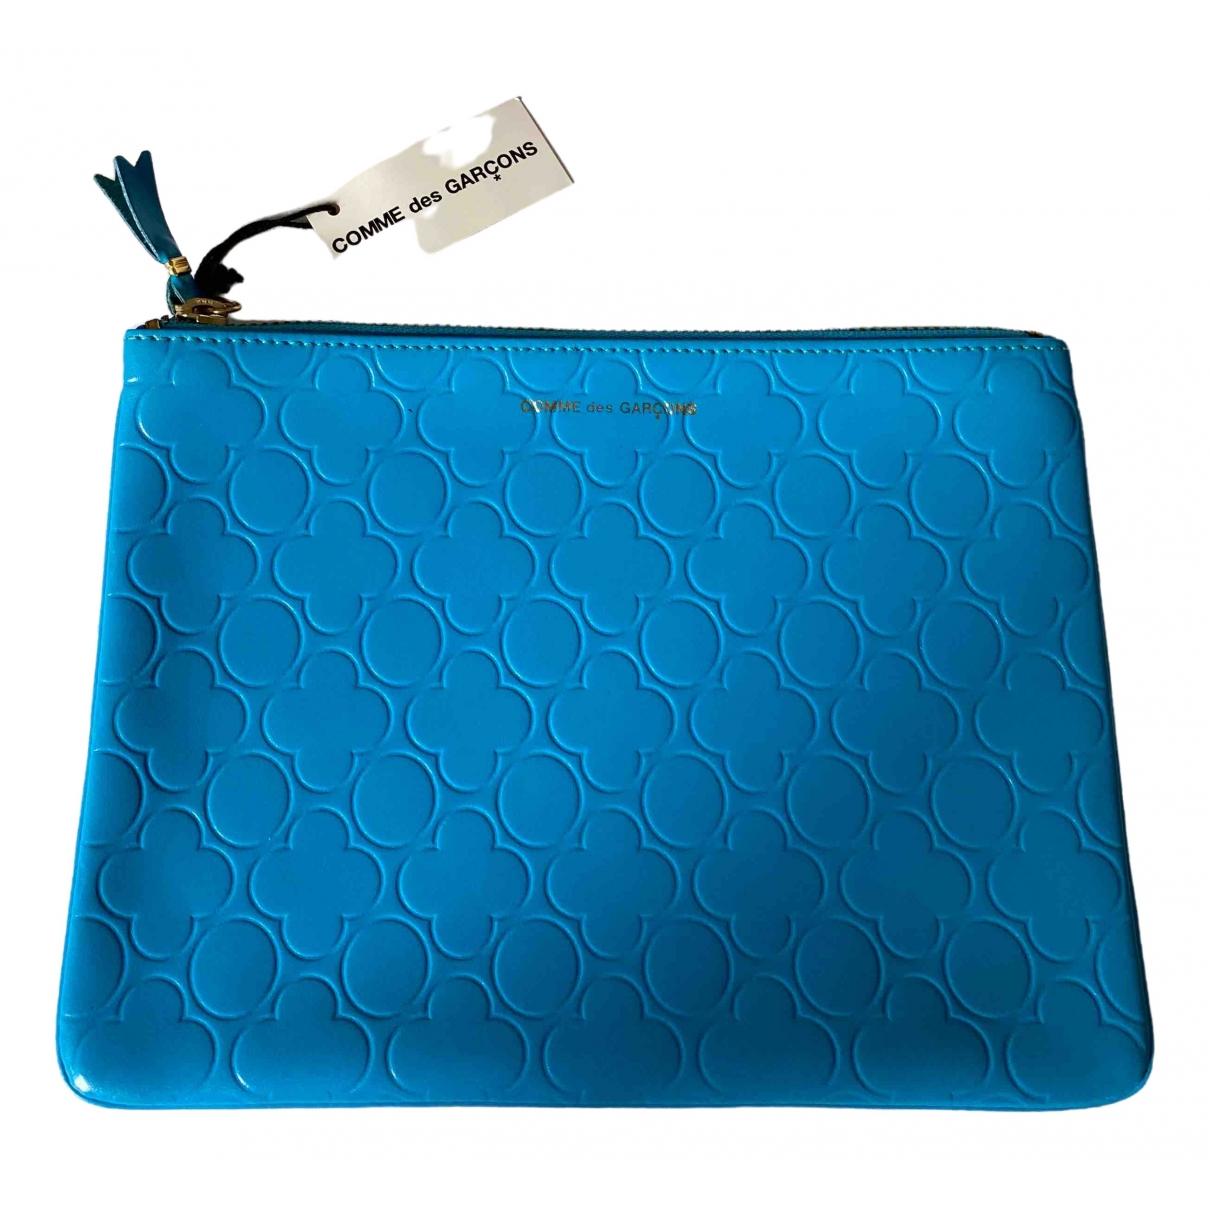 Comme Des Garcons \N Portemonnaie in  Blau Leder